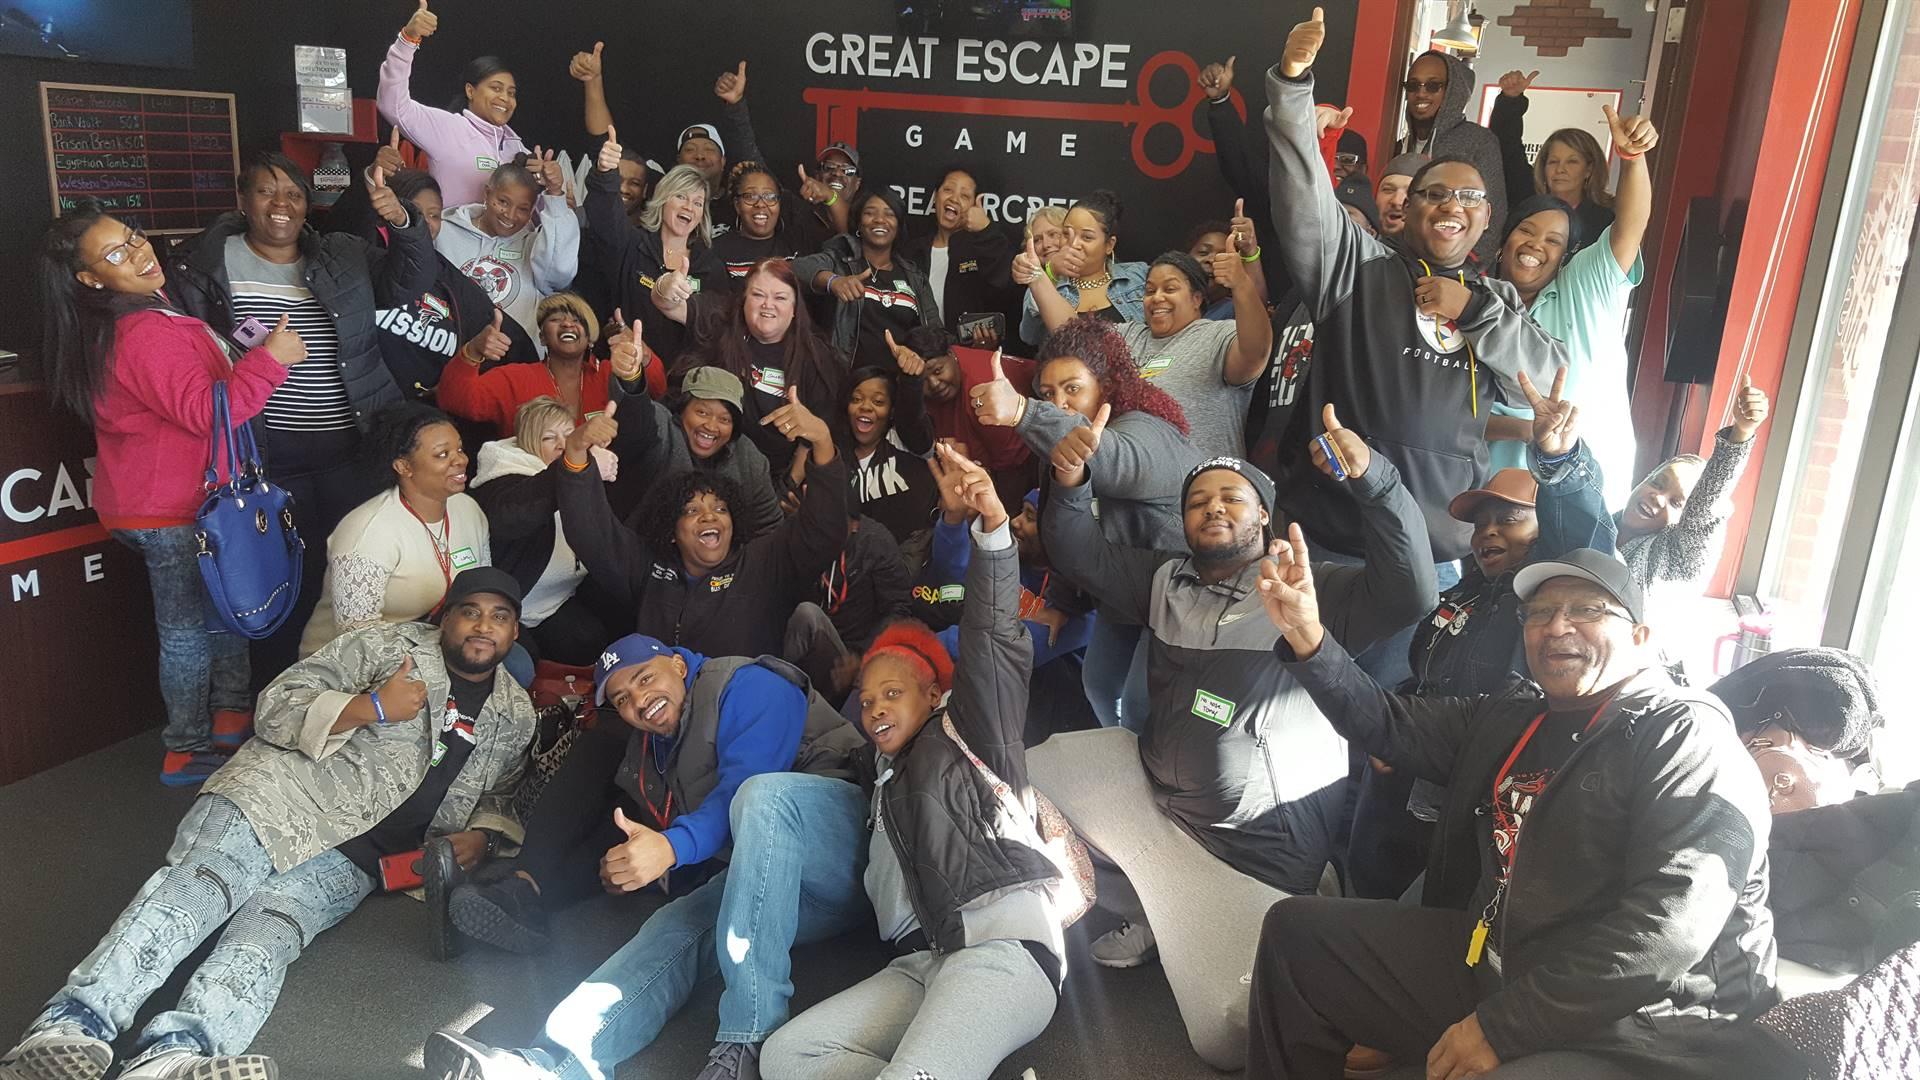 The escape room!